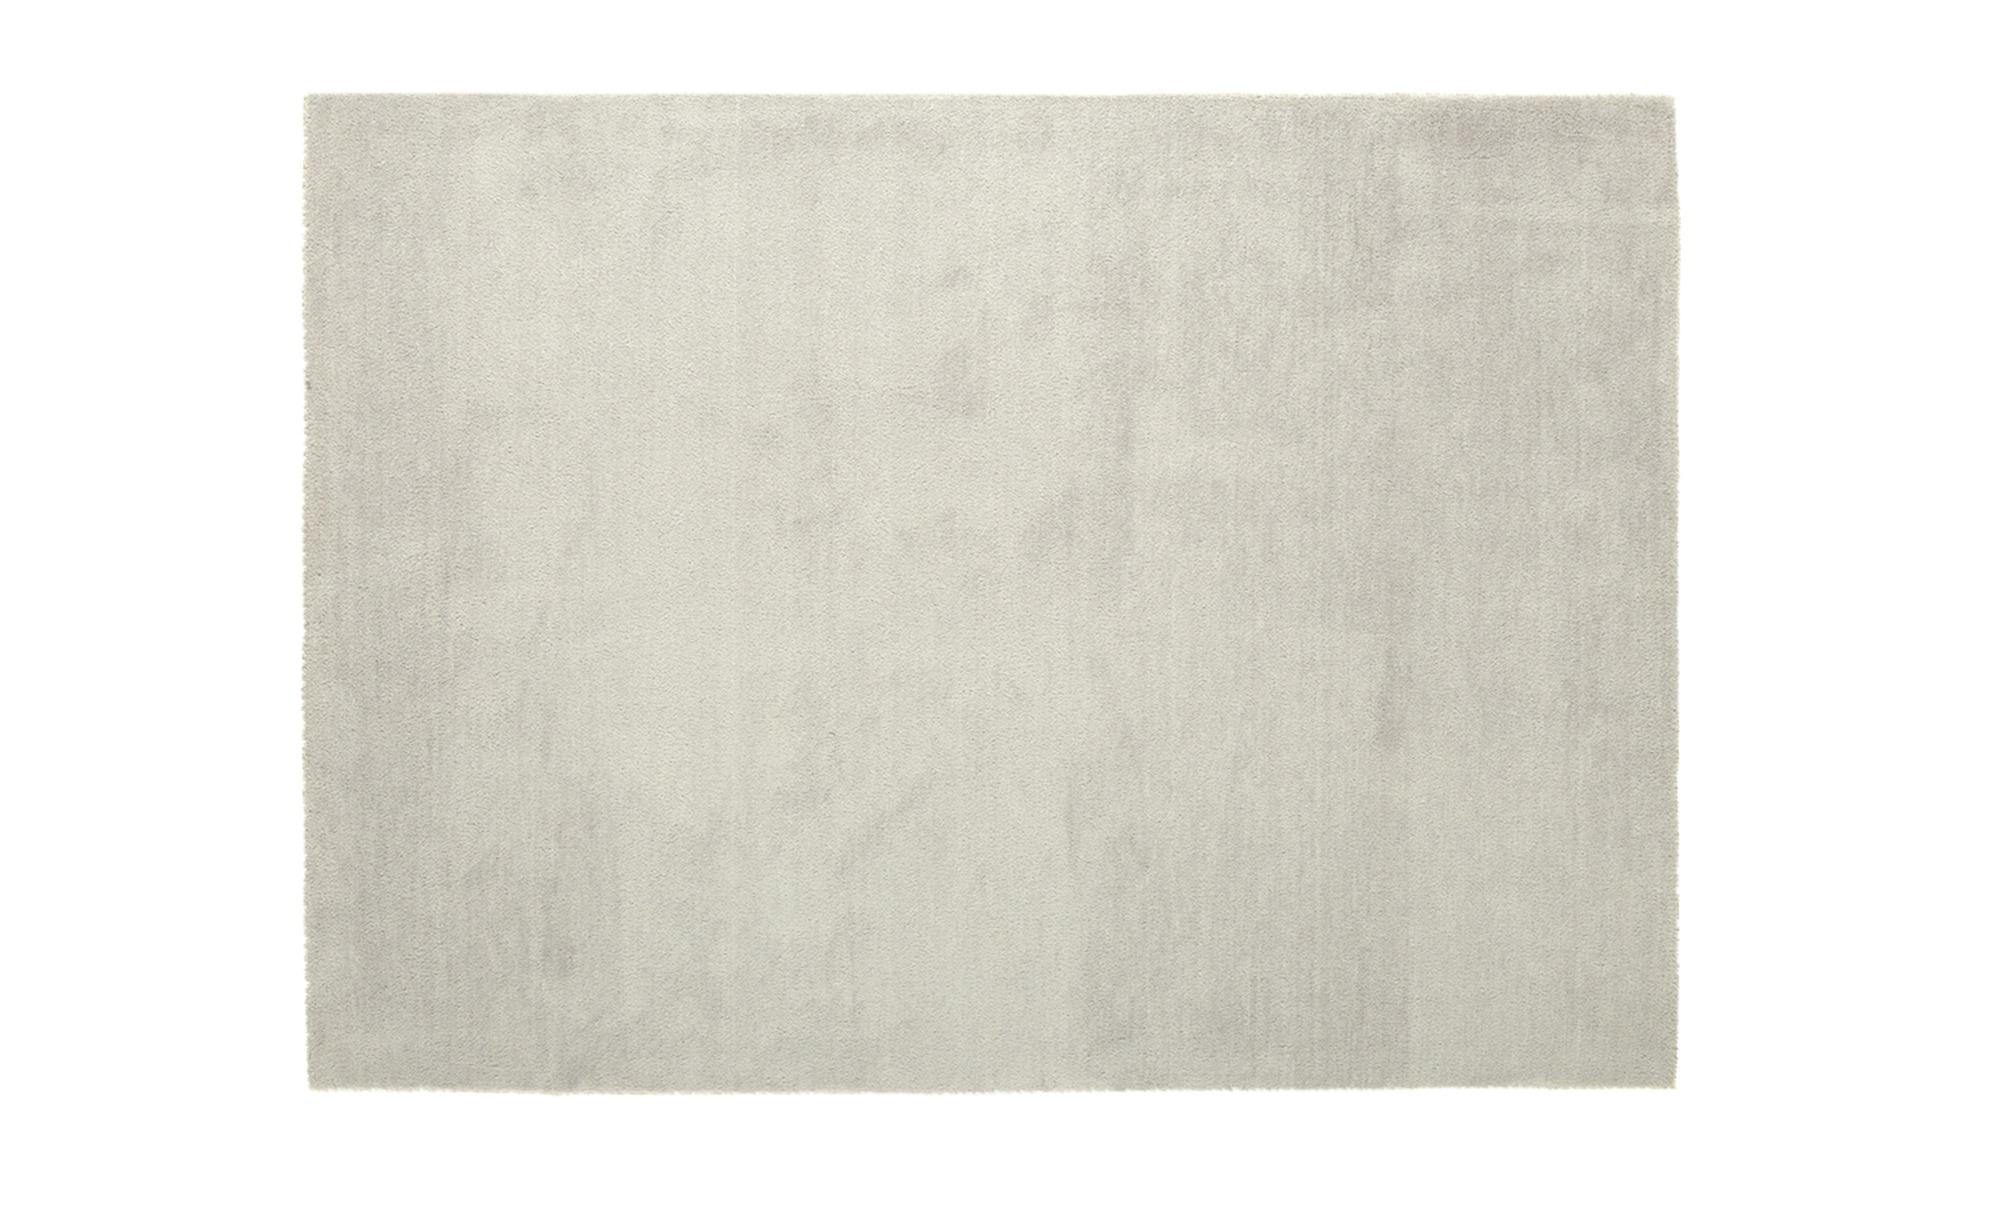 SCHÖNER WOHNEN Handtuft-Teppich  Victoria ¦ silber ¦ 100 % Polyester ¦ Maße (cm): B: 170 Teppiche > Wohnteppiche > Unifarbene Teppiche - Höffner